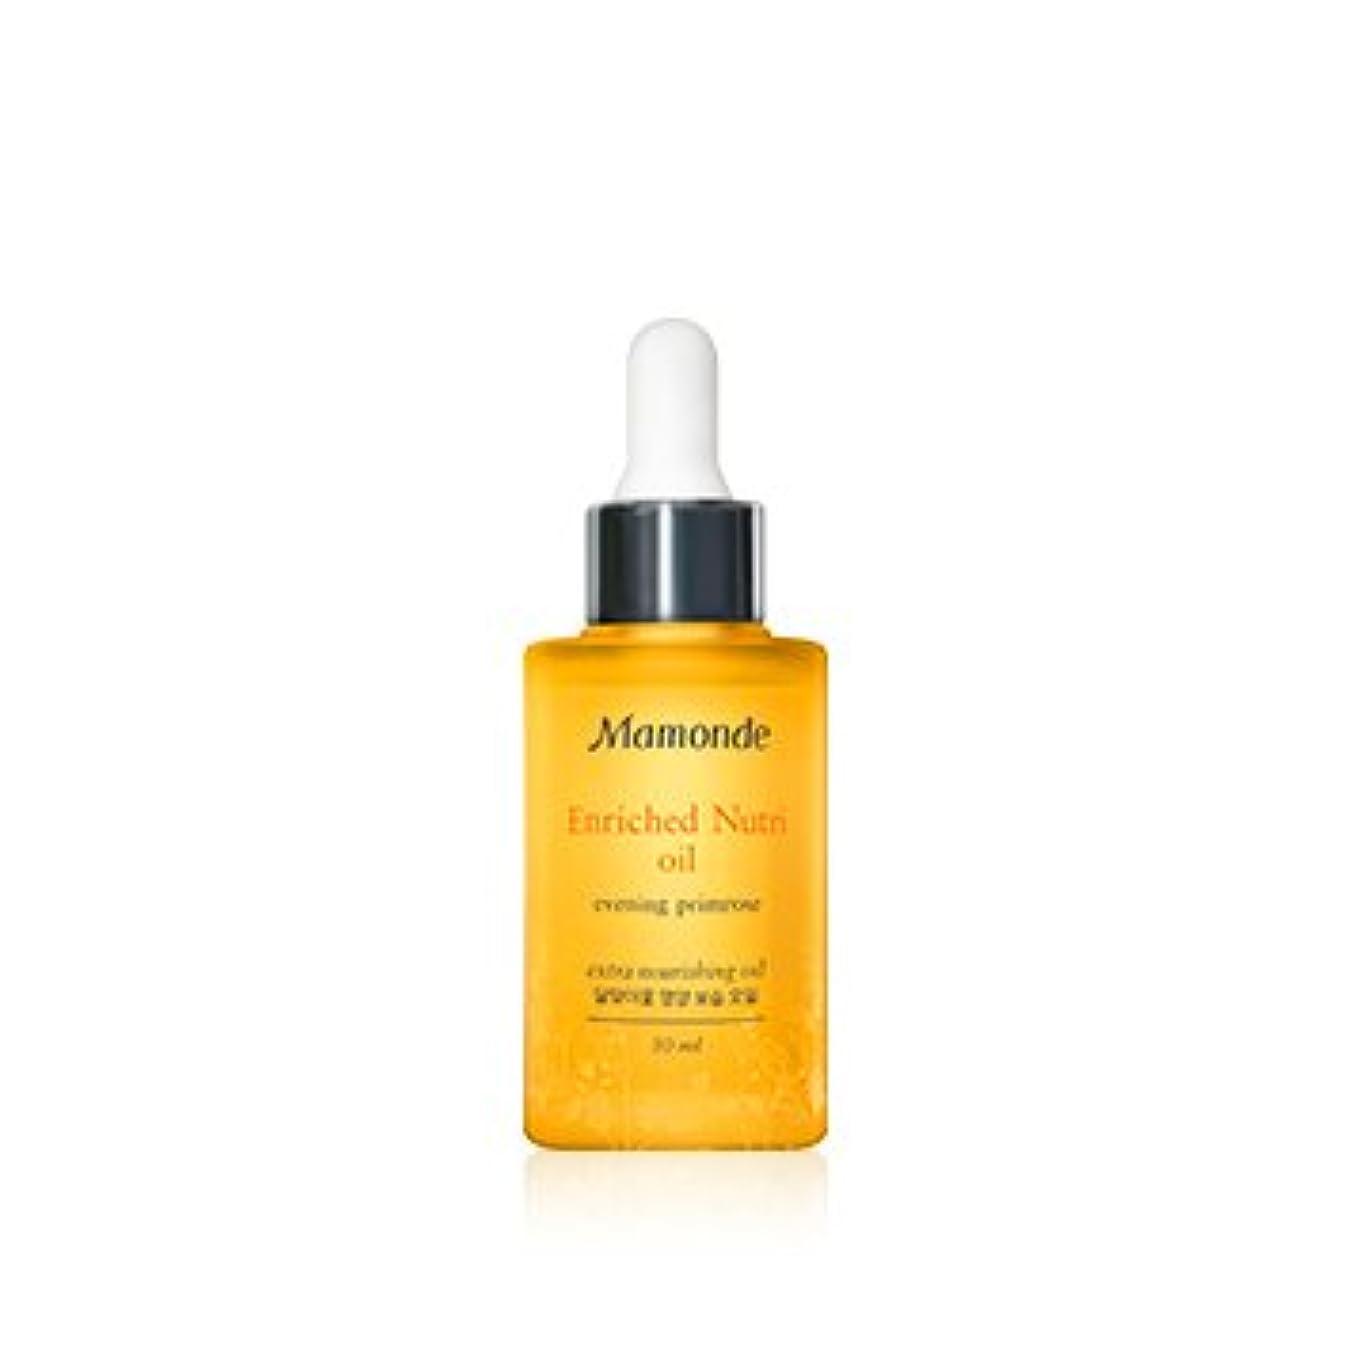 雪みぞれ気になる[New] Mamonde Enriched Nutri Oil 30ml/マモンド エンリッチド ニュートリ オイル 30ml [並行輸入品]